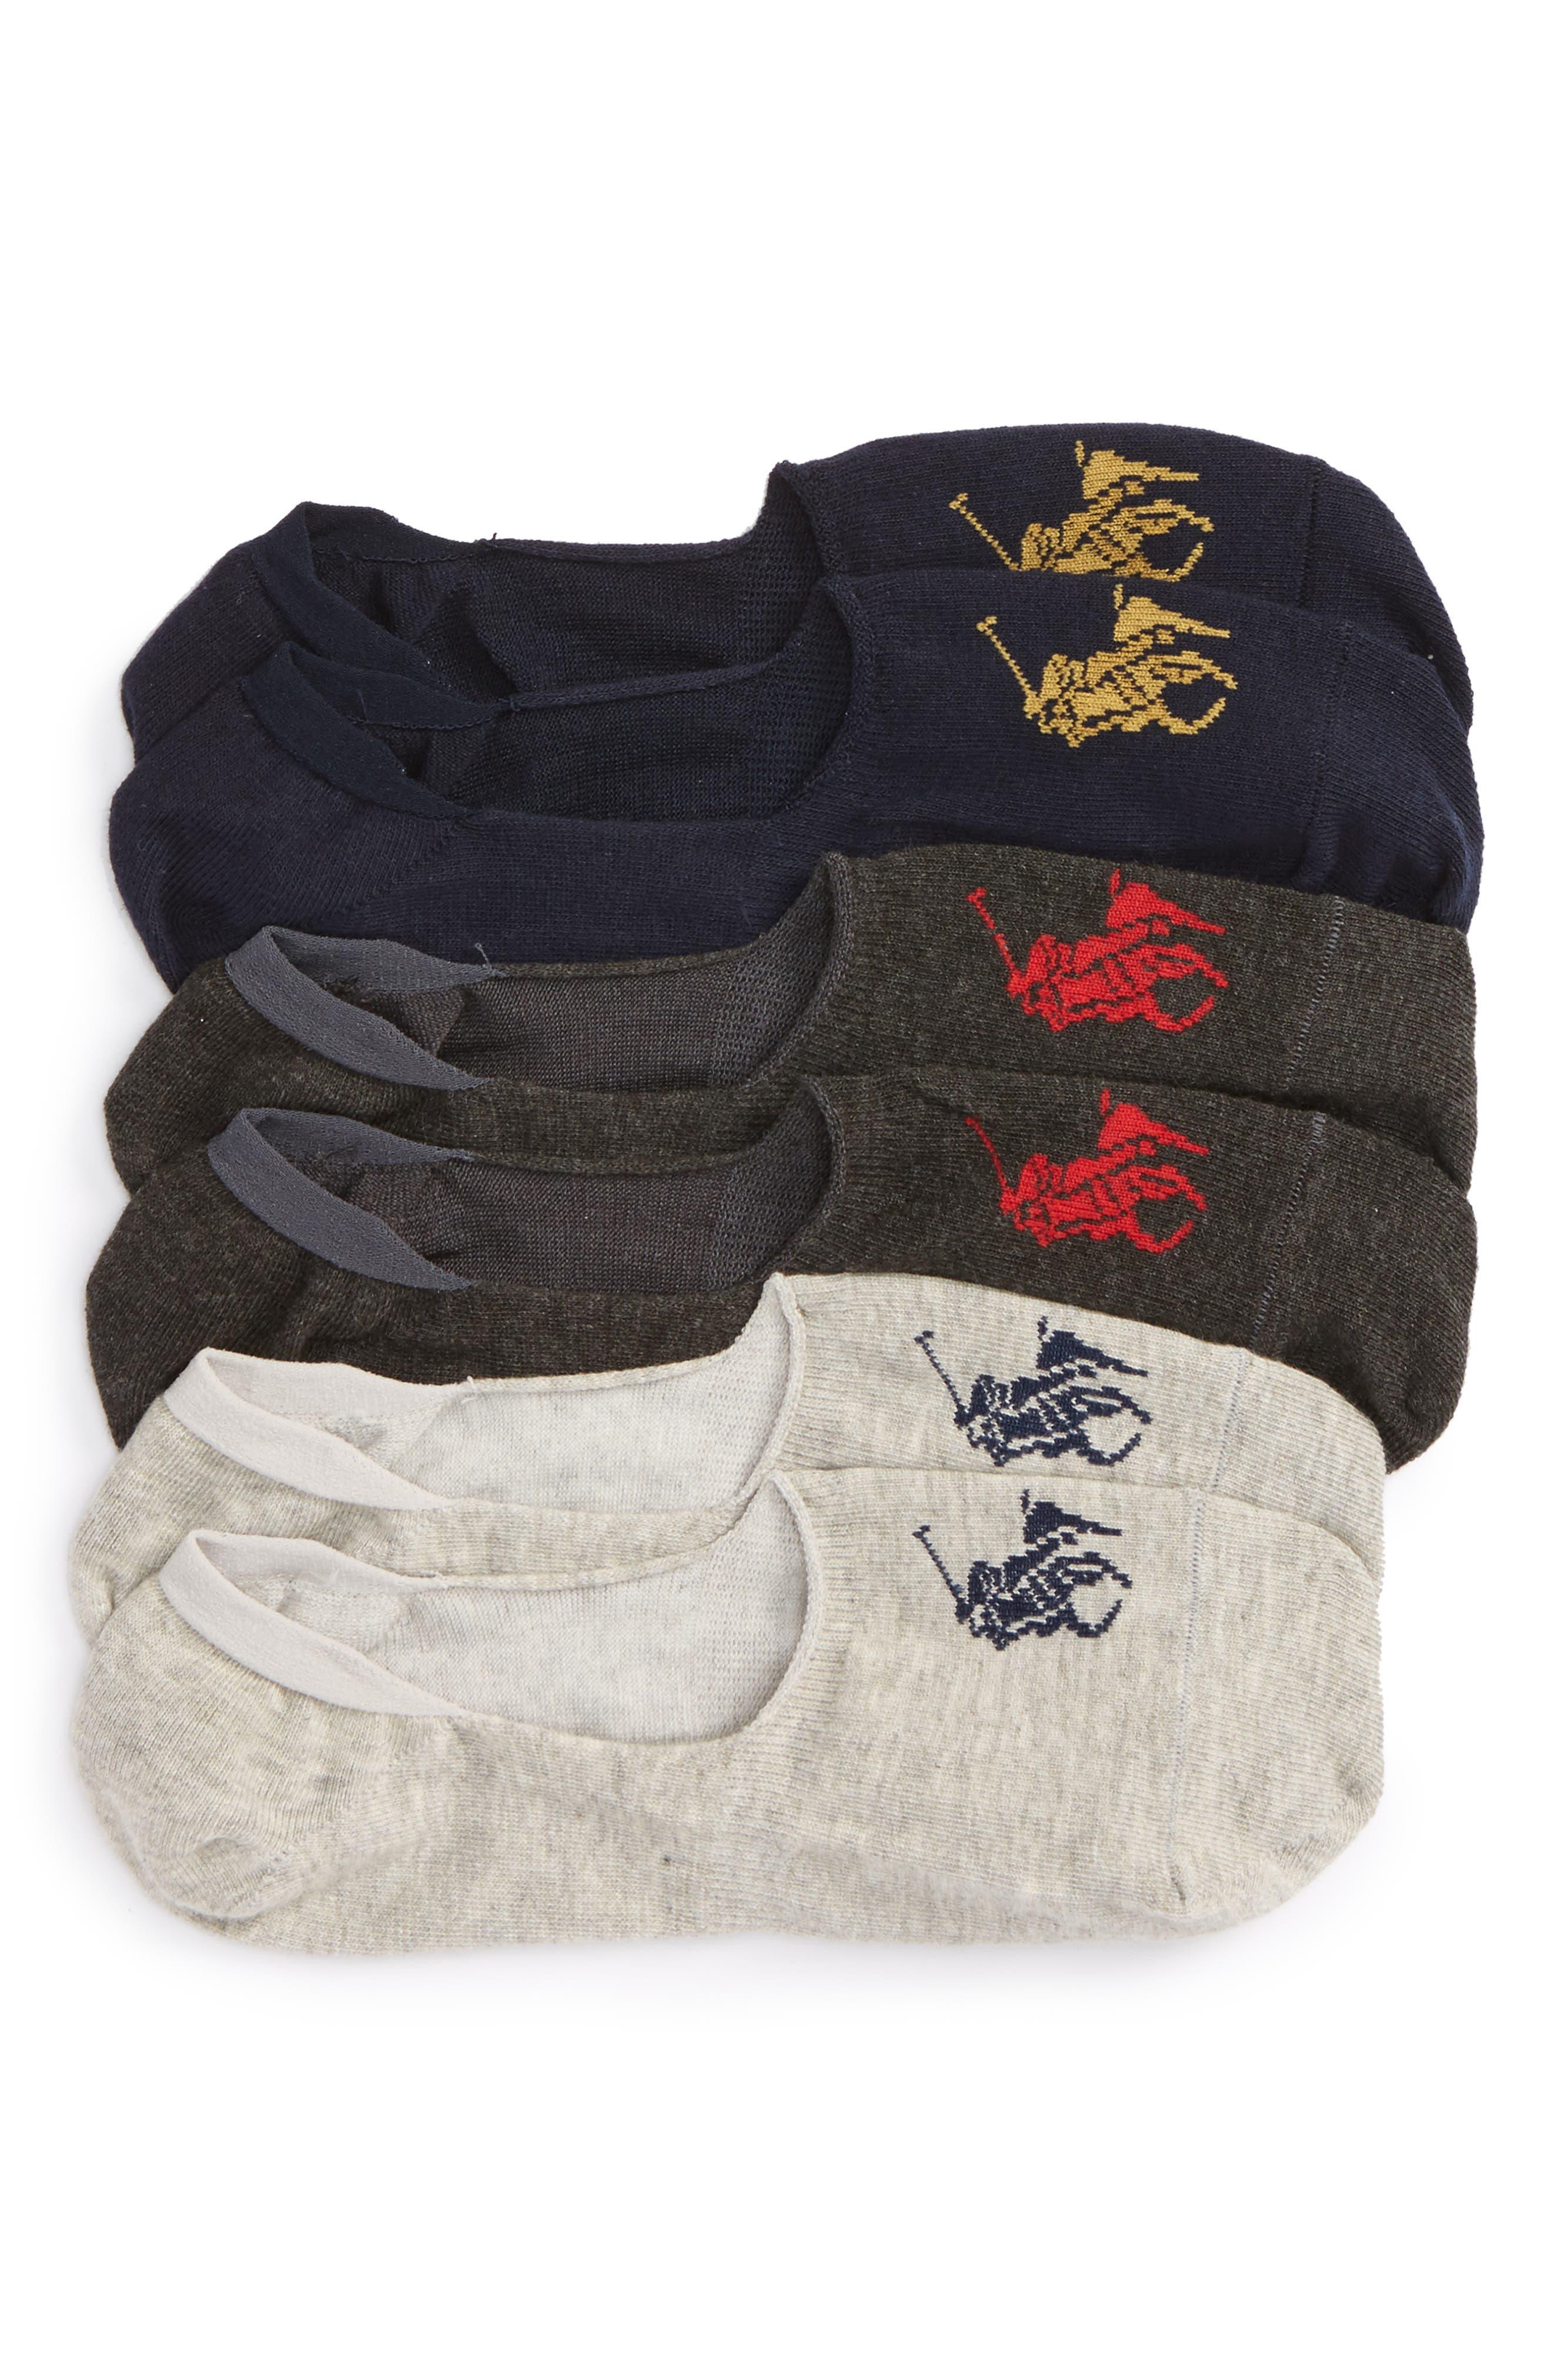 Alternate Image 1 Selected - Polo Ralph Lauren Liner Socks (3-Pack)